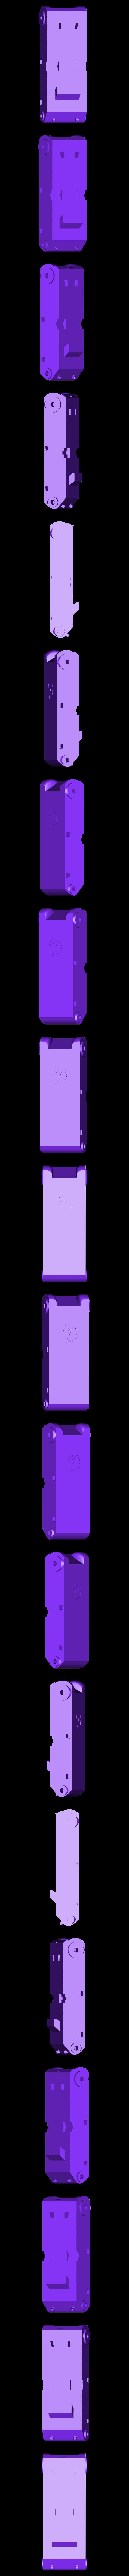 mini_T-34_hull-base.stl Download STL file Mini T-34 • 3D printer model, c47